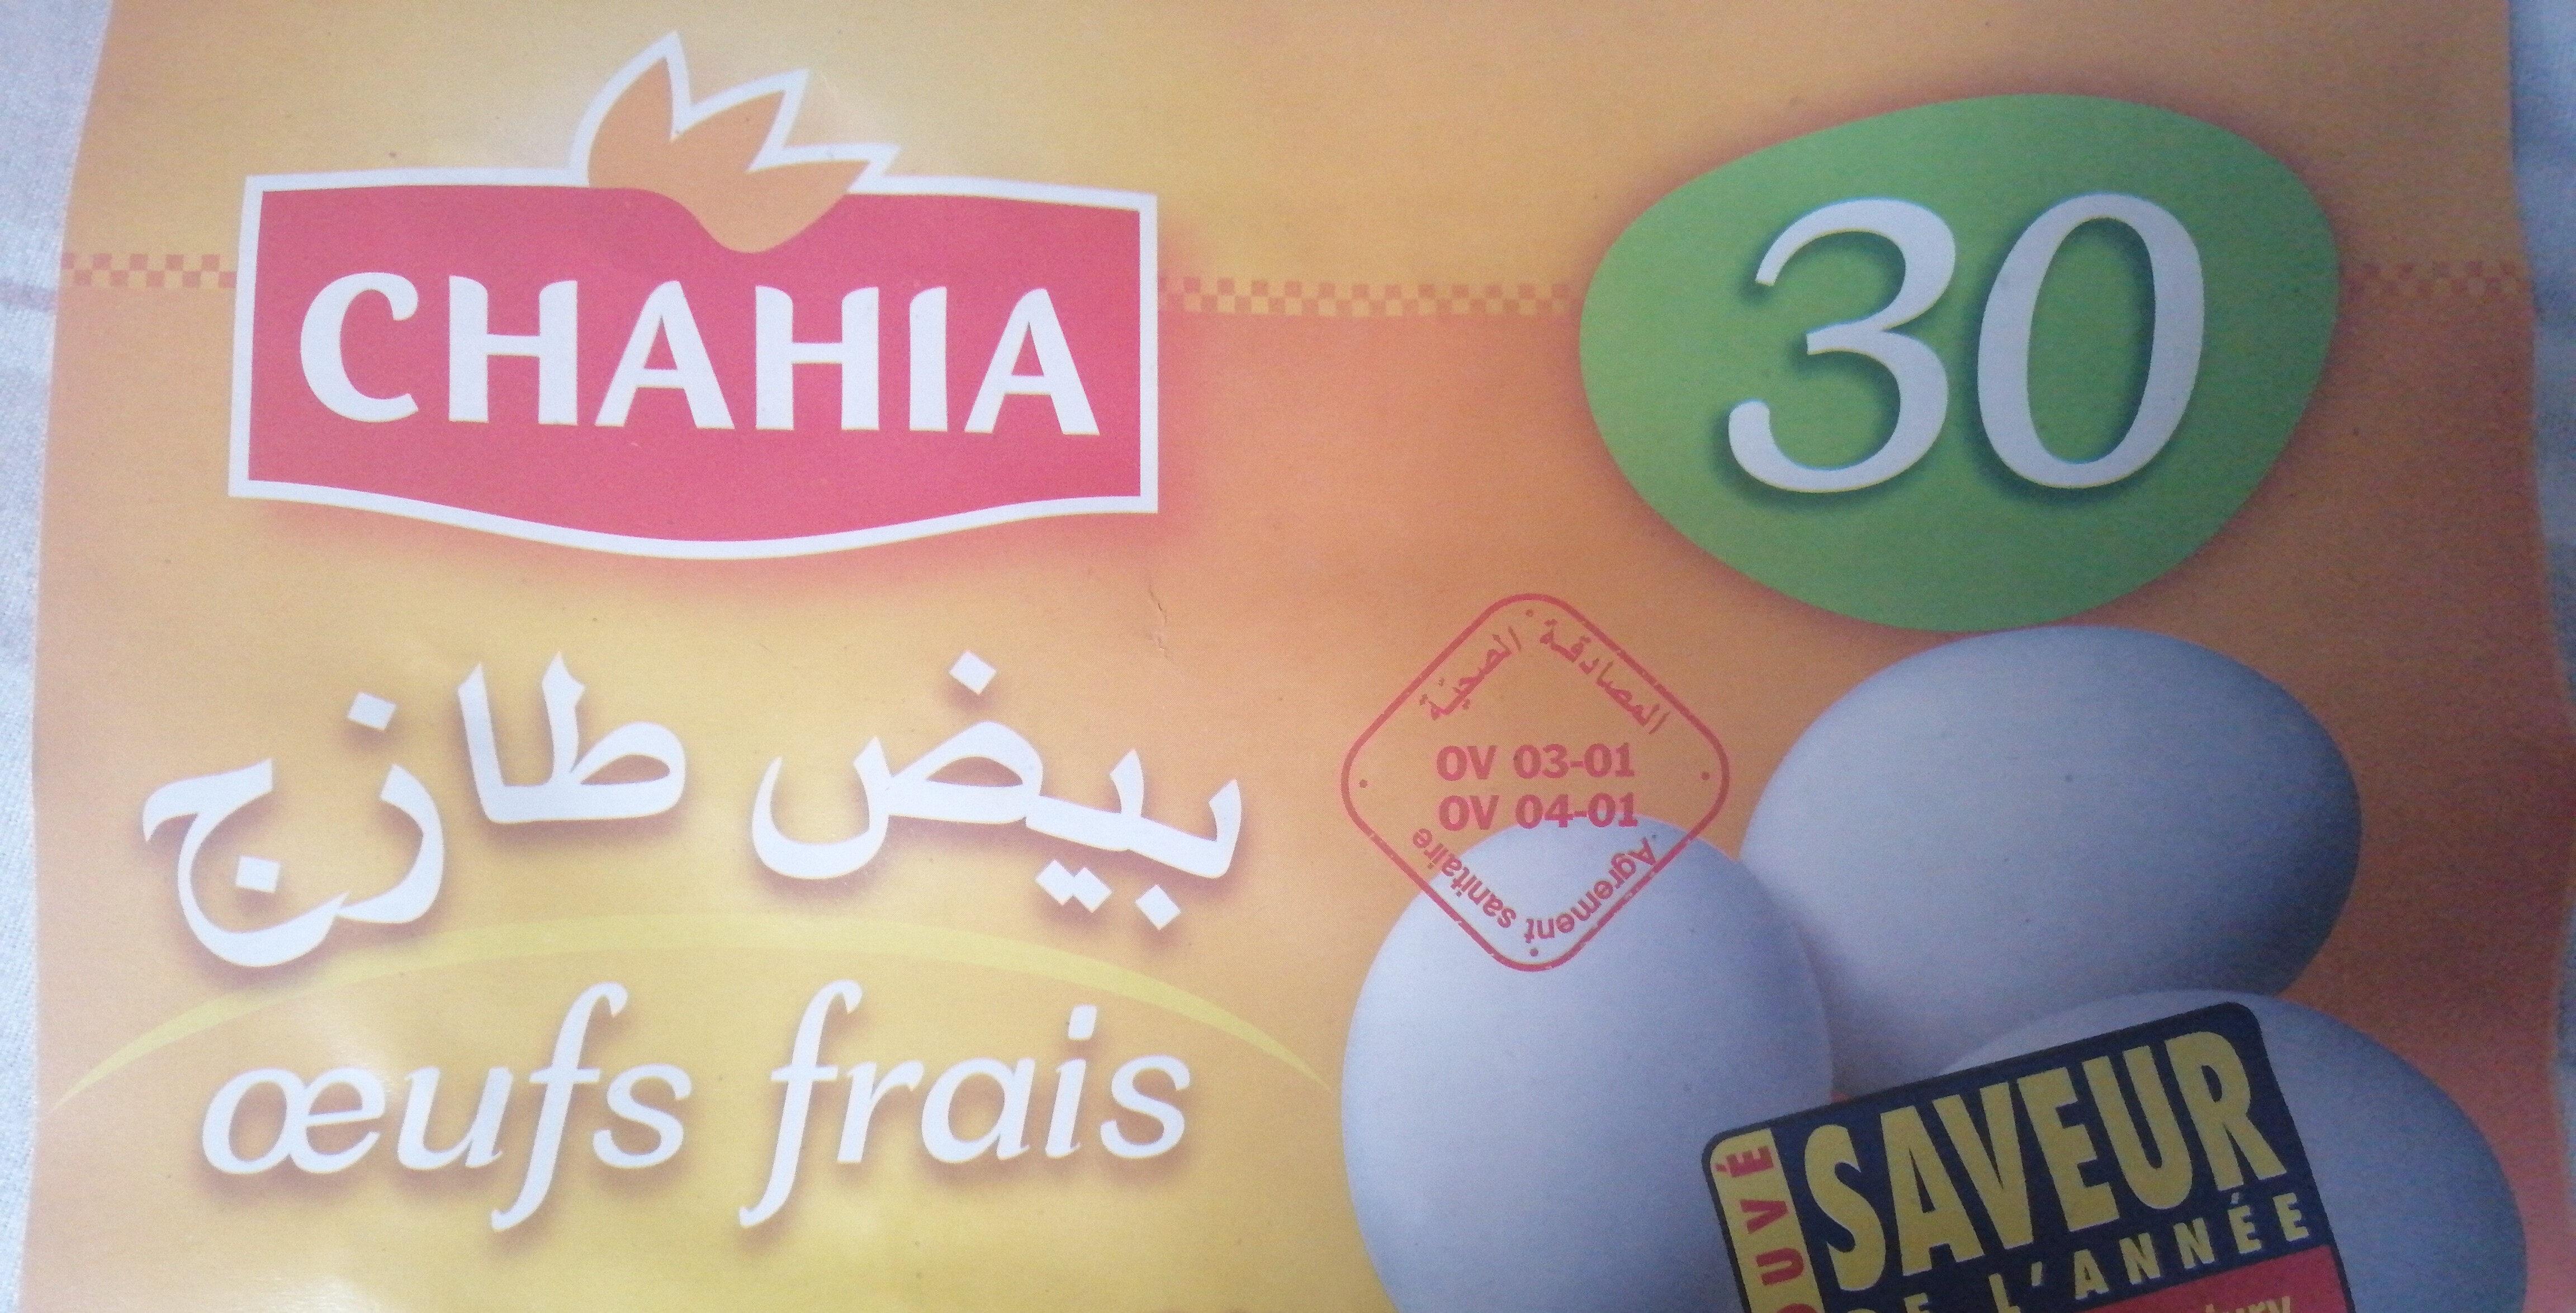 œufs frais - Product - fr